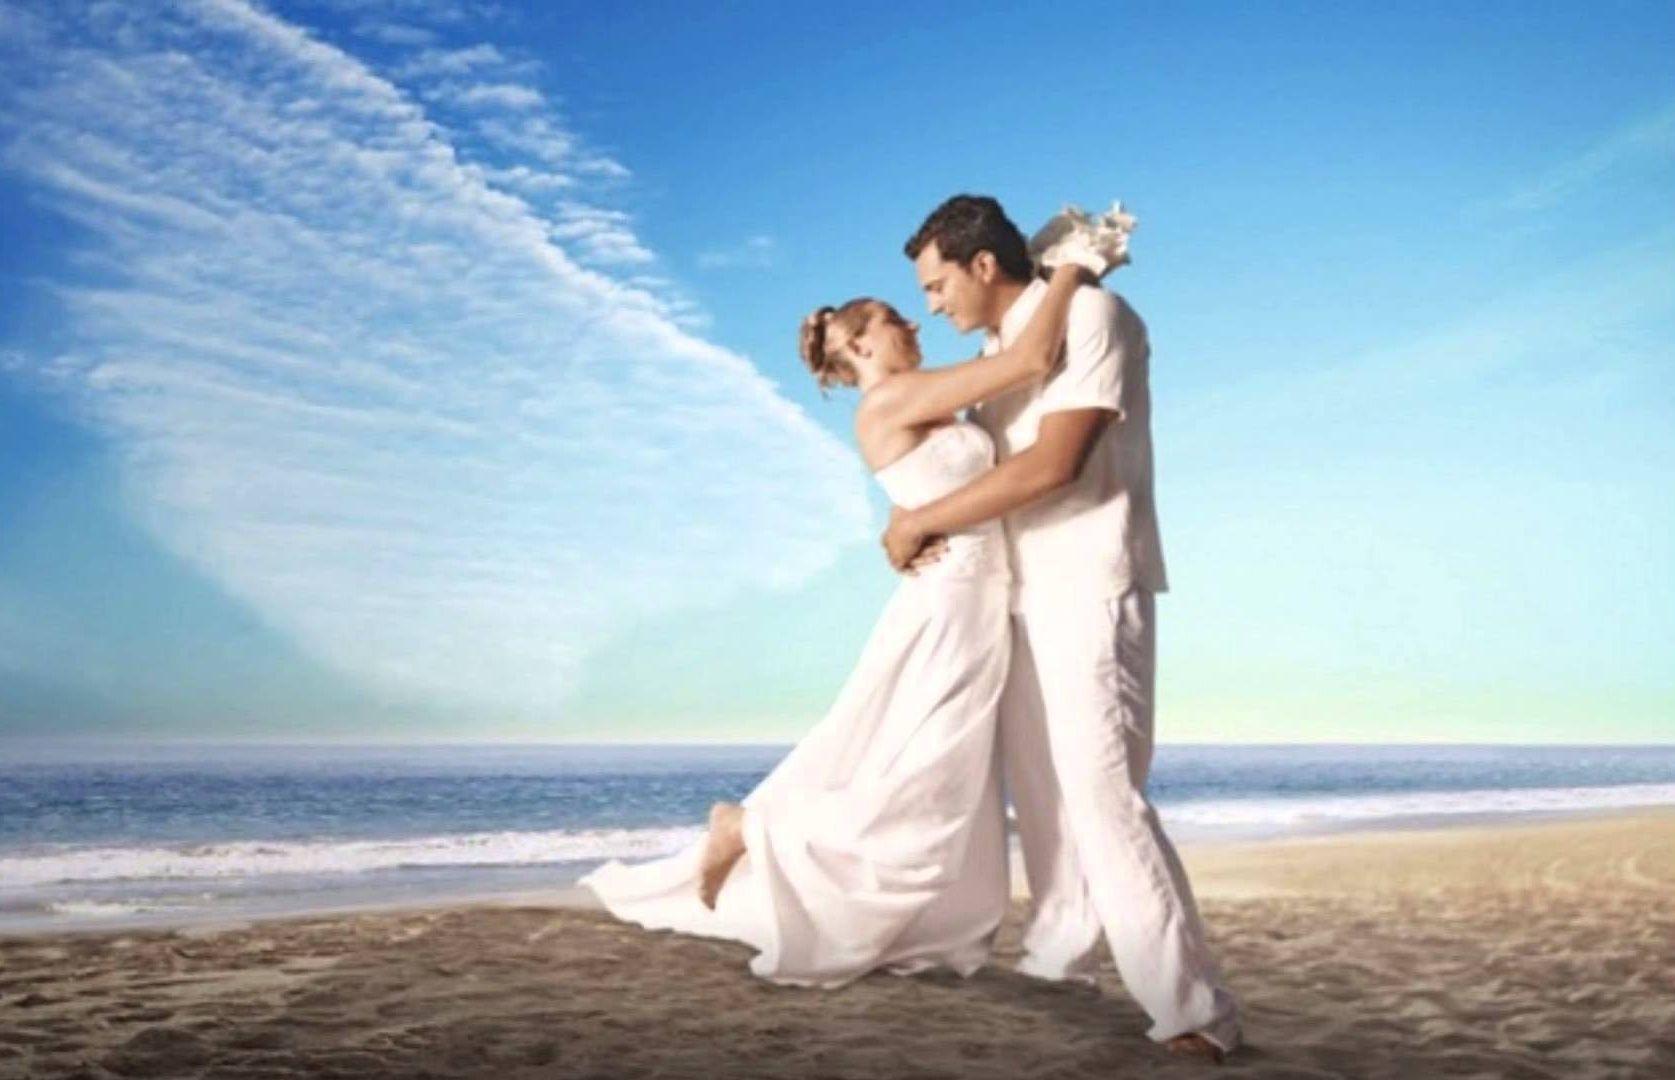 Organiza una maravillosa boda en la playa | Ideas para